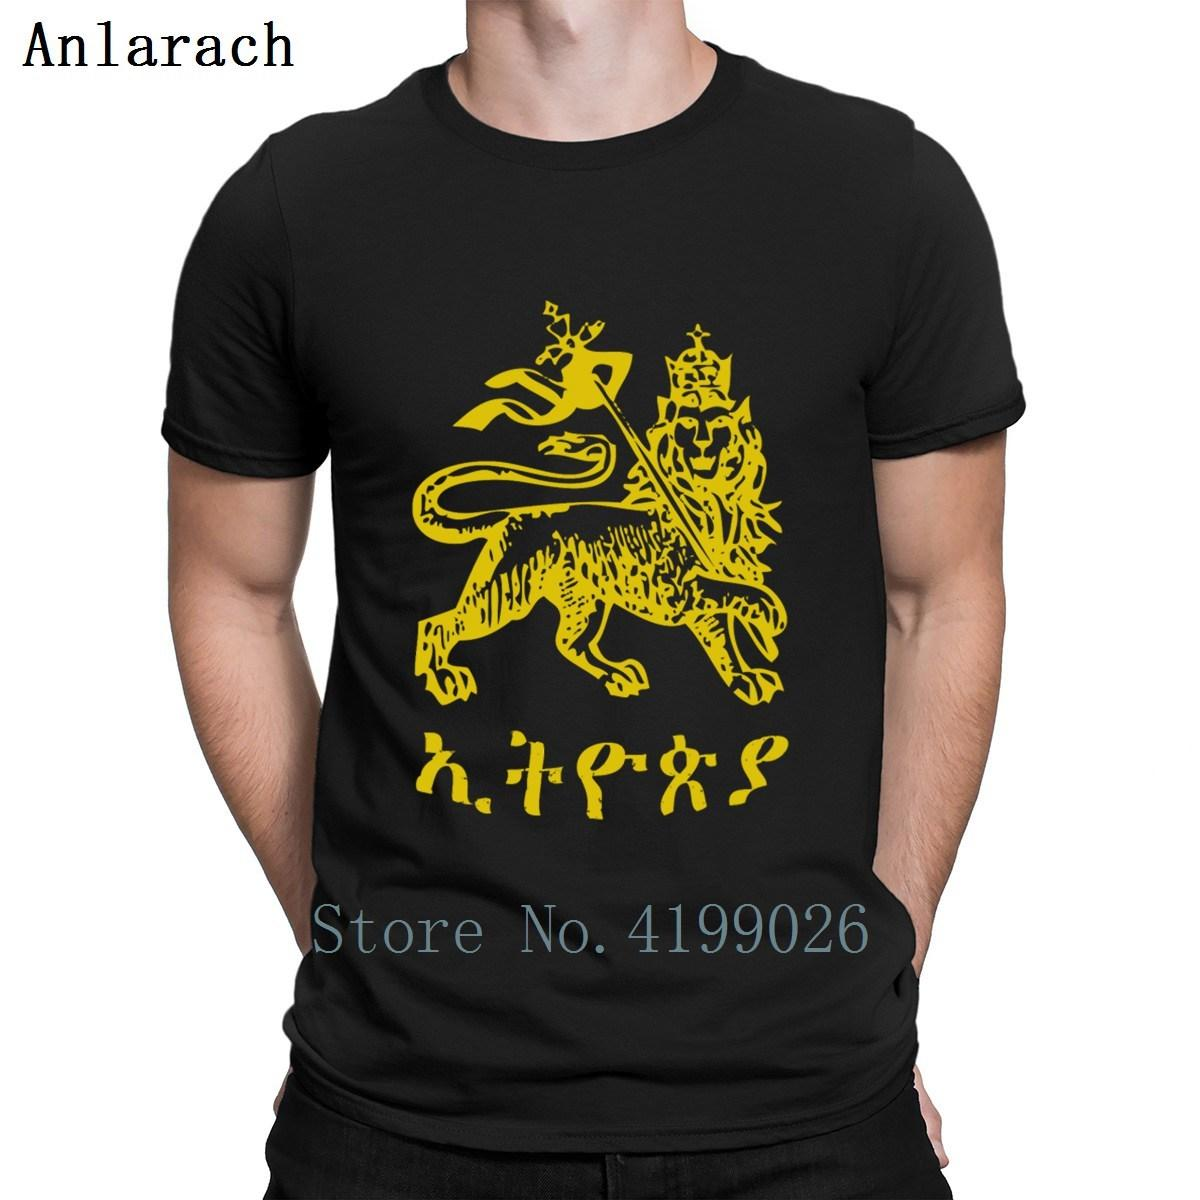 Etiopia Leone di Giuda T Shirt Designer impressionanti S-3XL Abbigliamento Fitness Mens magliette Miglior Slim Cheap estivo stile funky